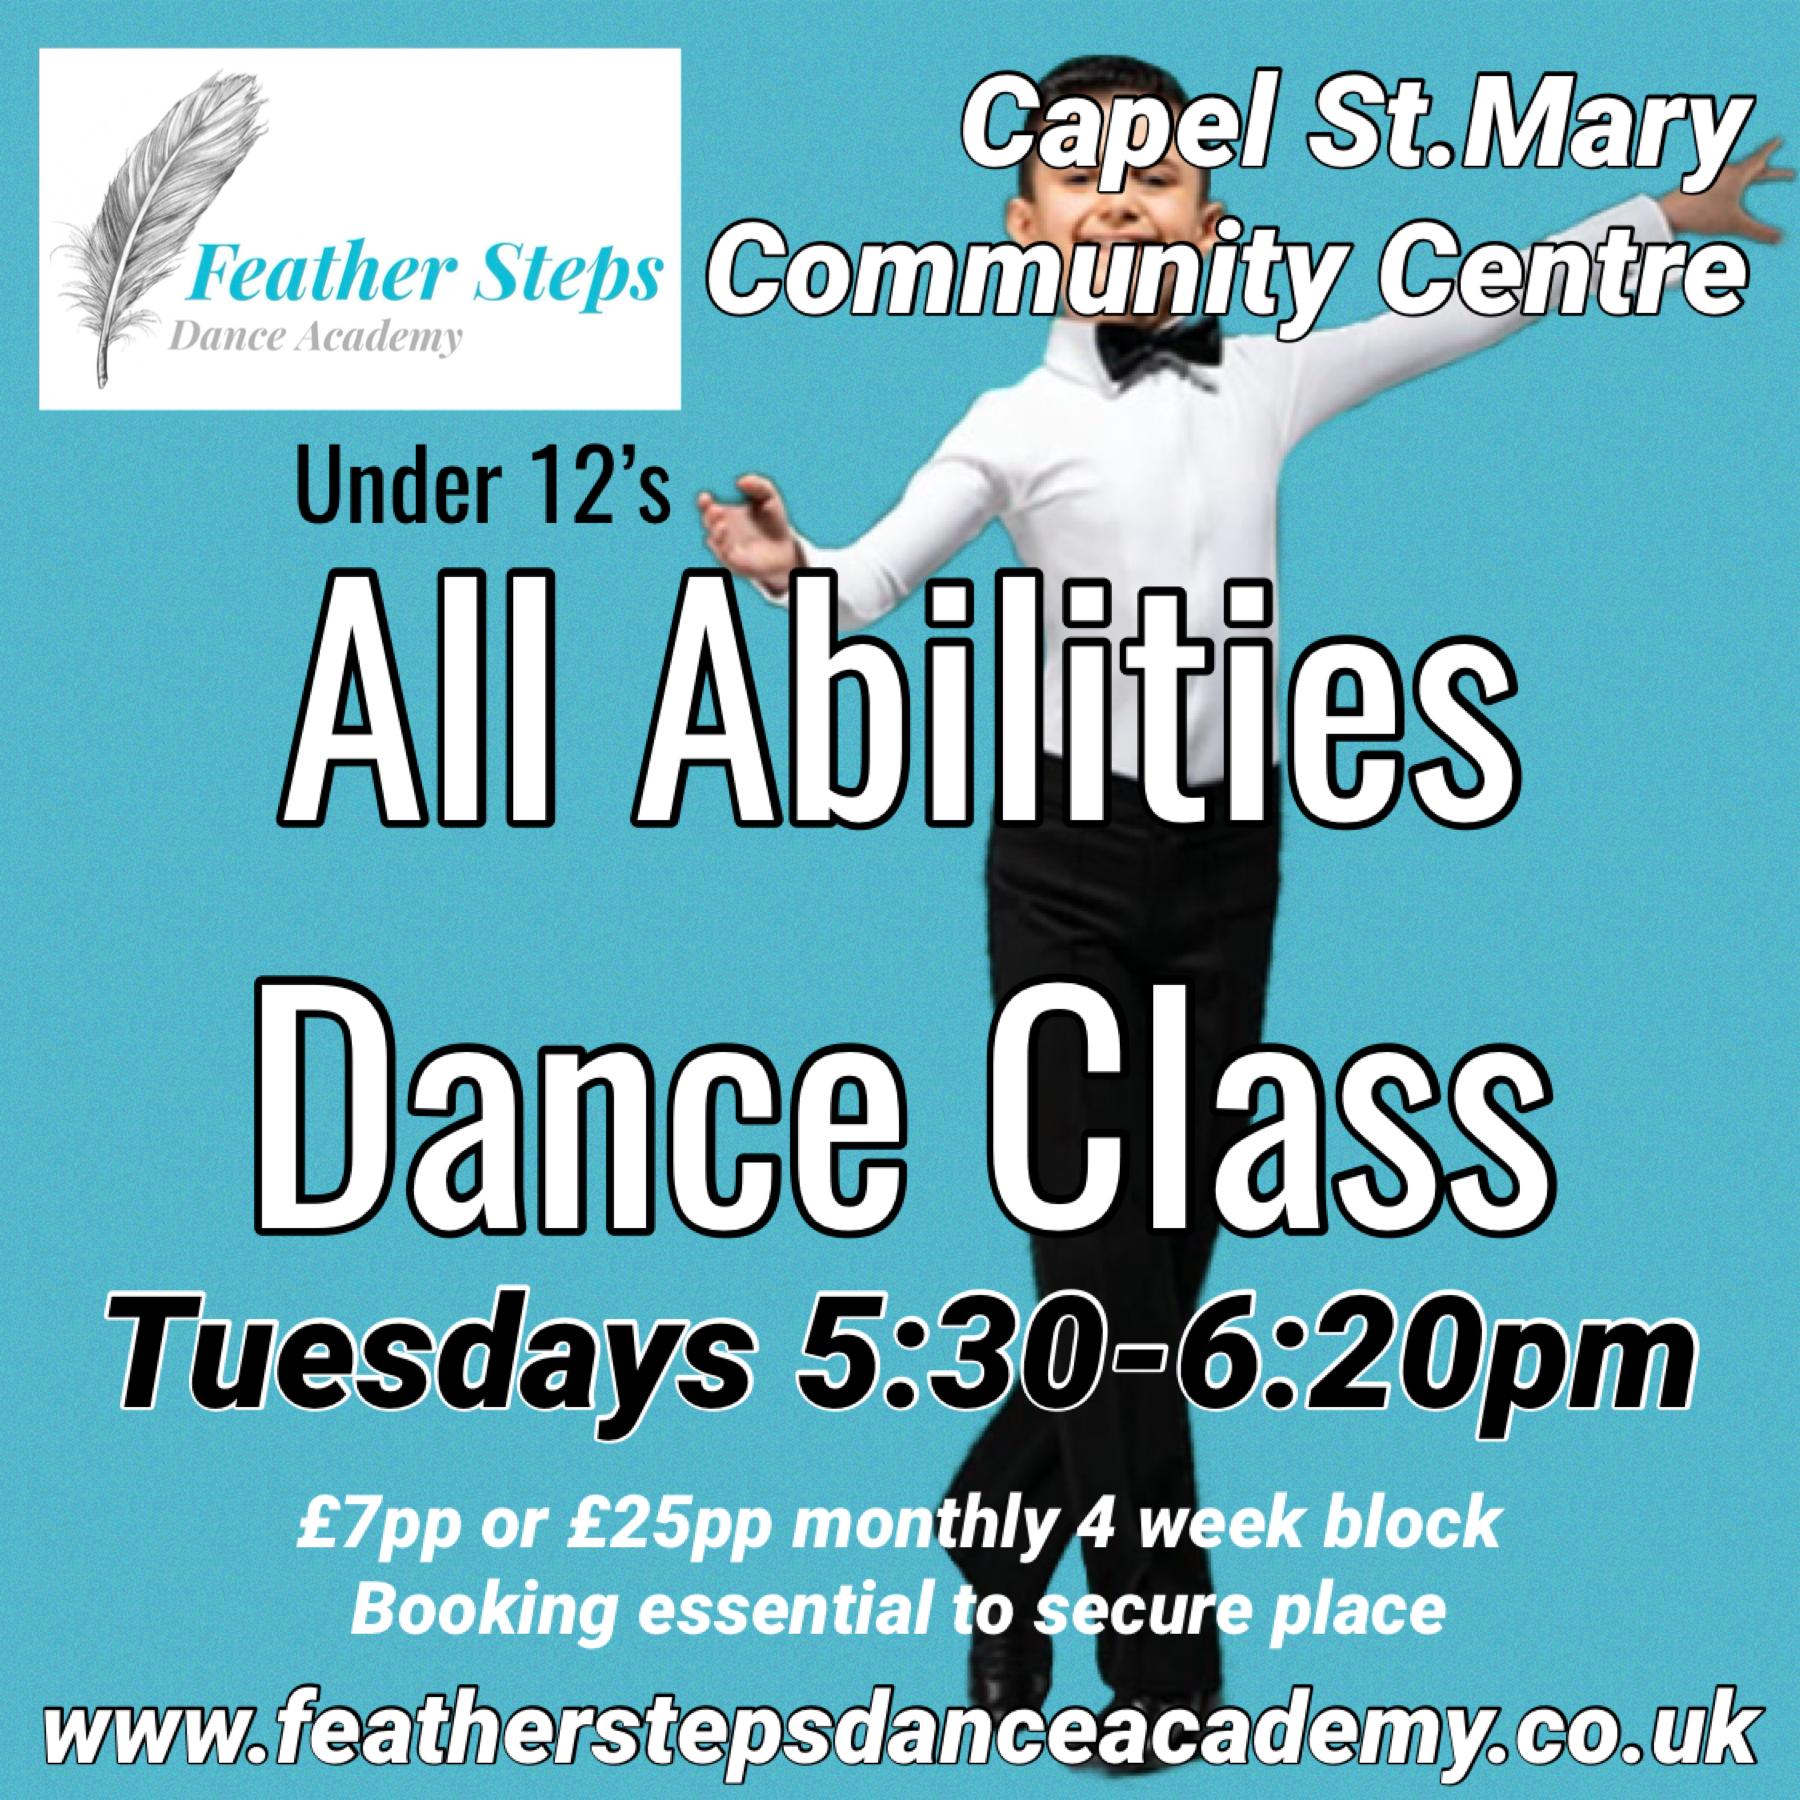 All Abilities Dance Class: Under 12's